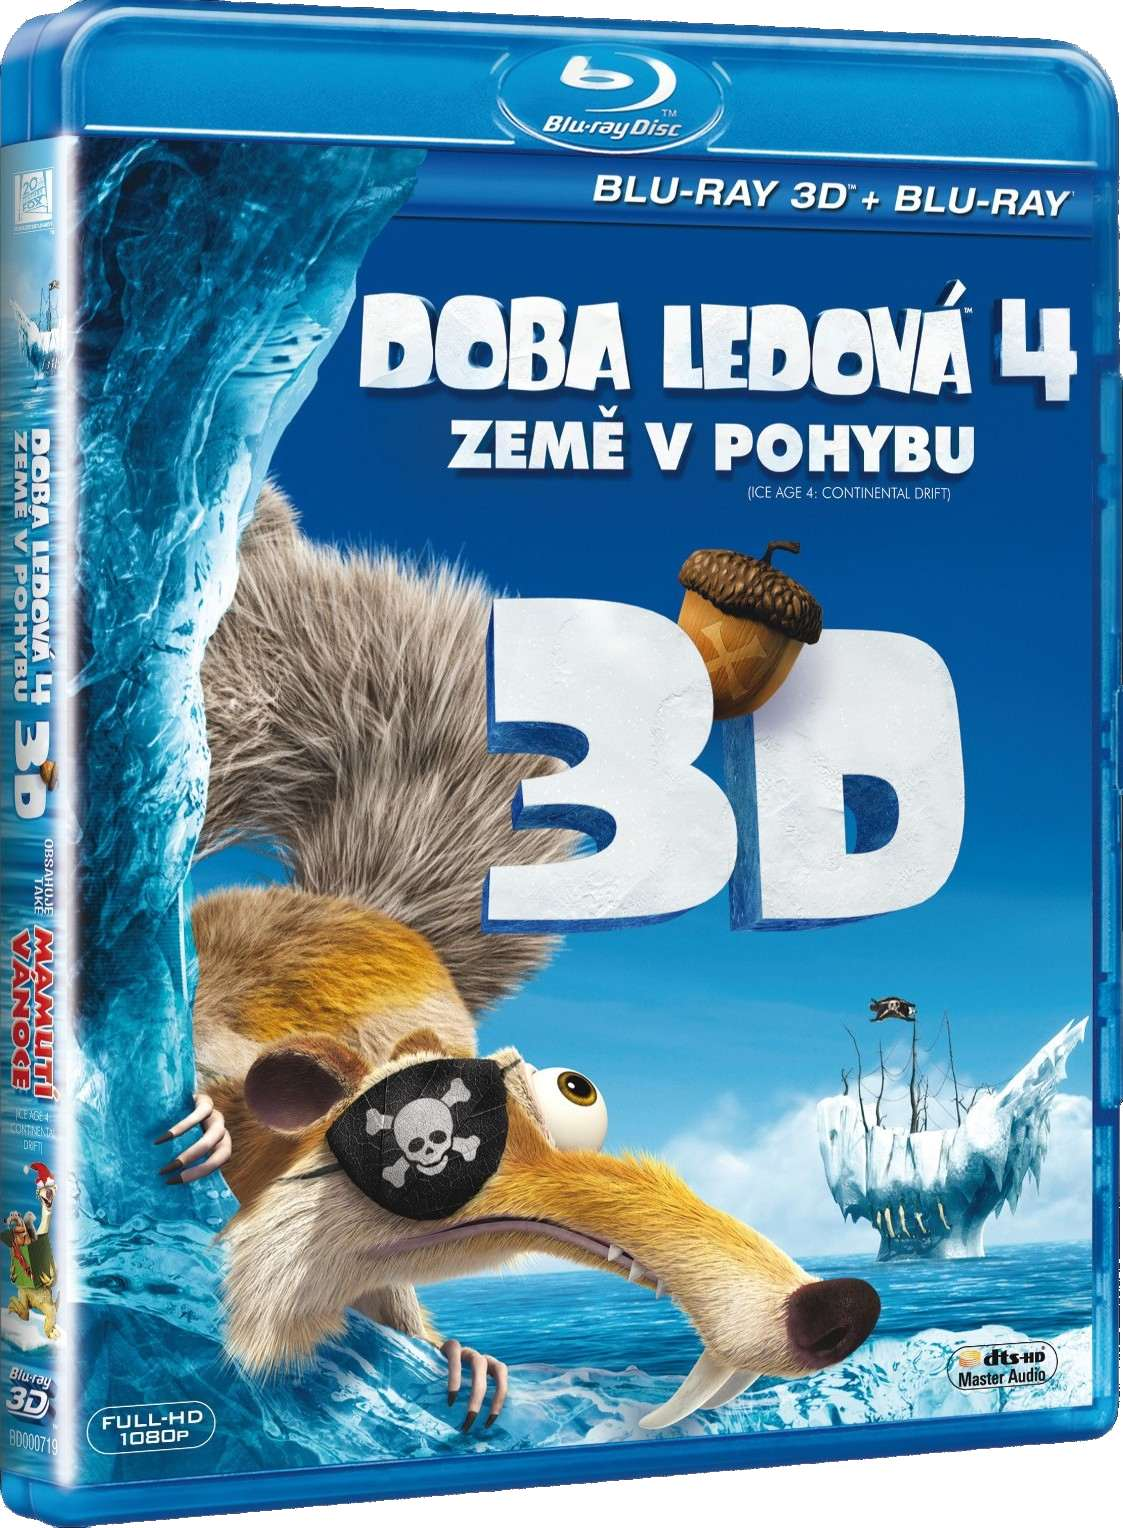 DOBA LEDOVÁ 4: ZEMĚ V POHYBU (3D+2D) + MAMUTÍ VÁNOCE 3D - Blu-ray 3D